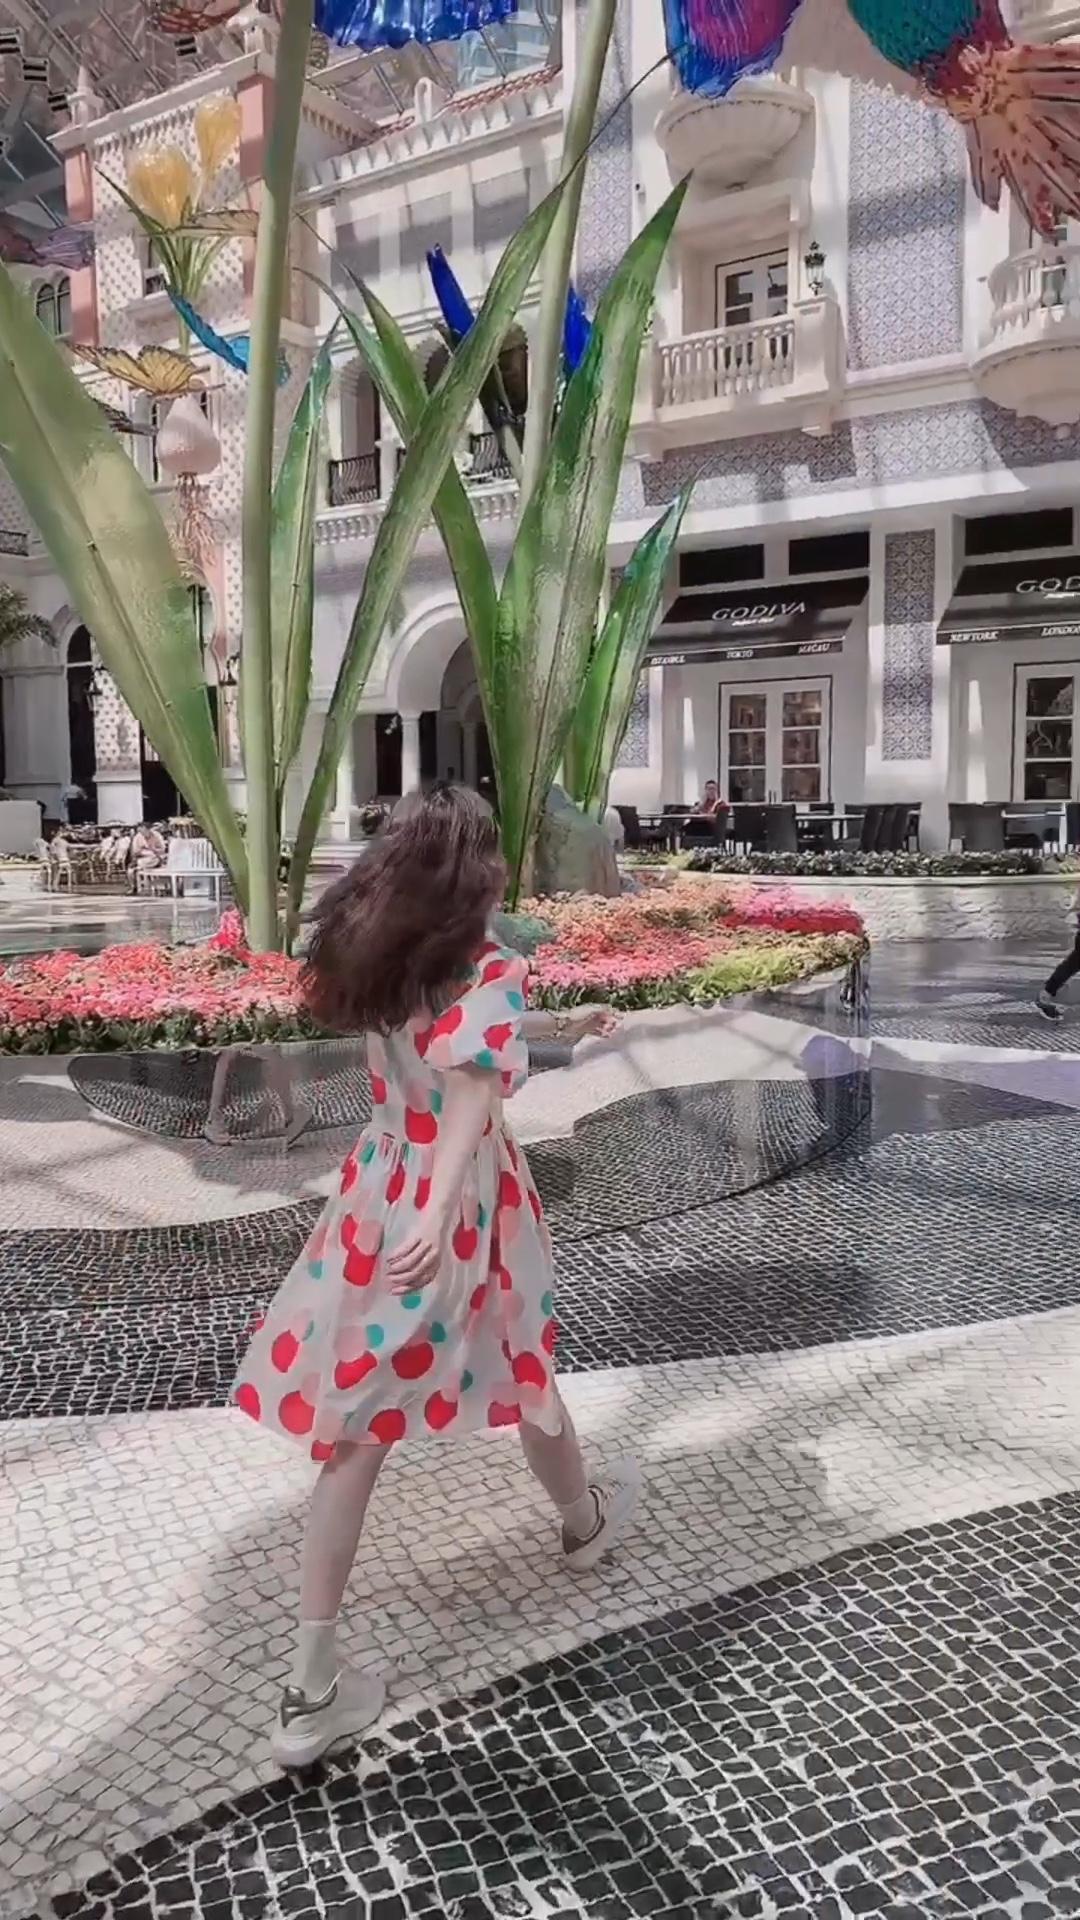 阿娇每日look 满满少女情怀的复古泡泡袖连衣裙 非常眼前一亮的裙子. 而且面料都什么都好透气舒服.  今年为什么流行这种复古的大泡泡袖? 因为显头小啊! 头小了,比例就好,腿自然就长了. #炎夏宜恋爱,穿衣宜裙纸~#